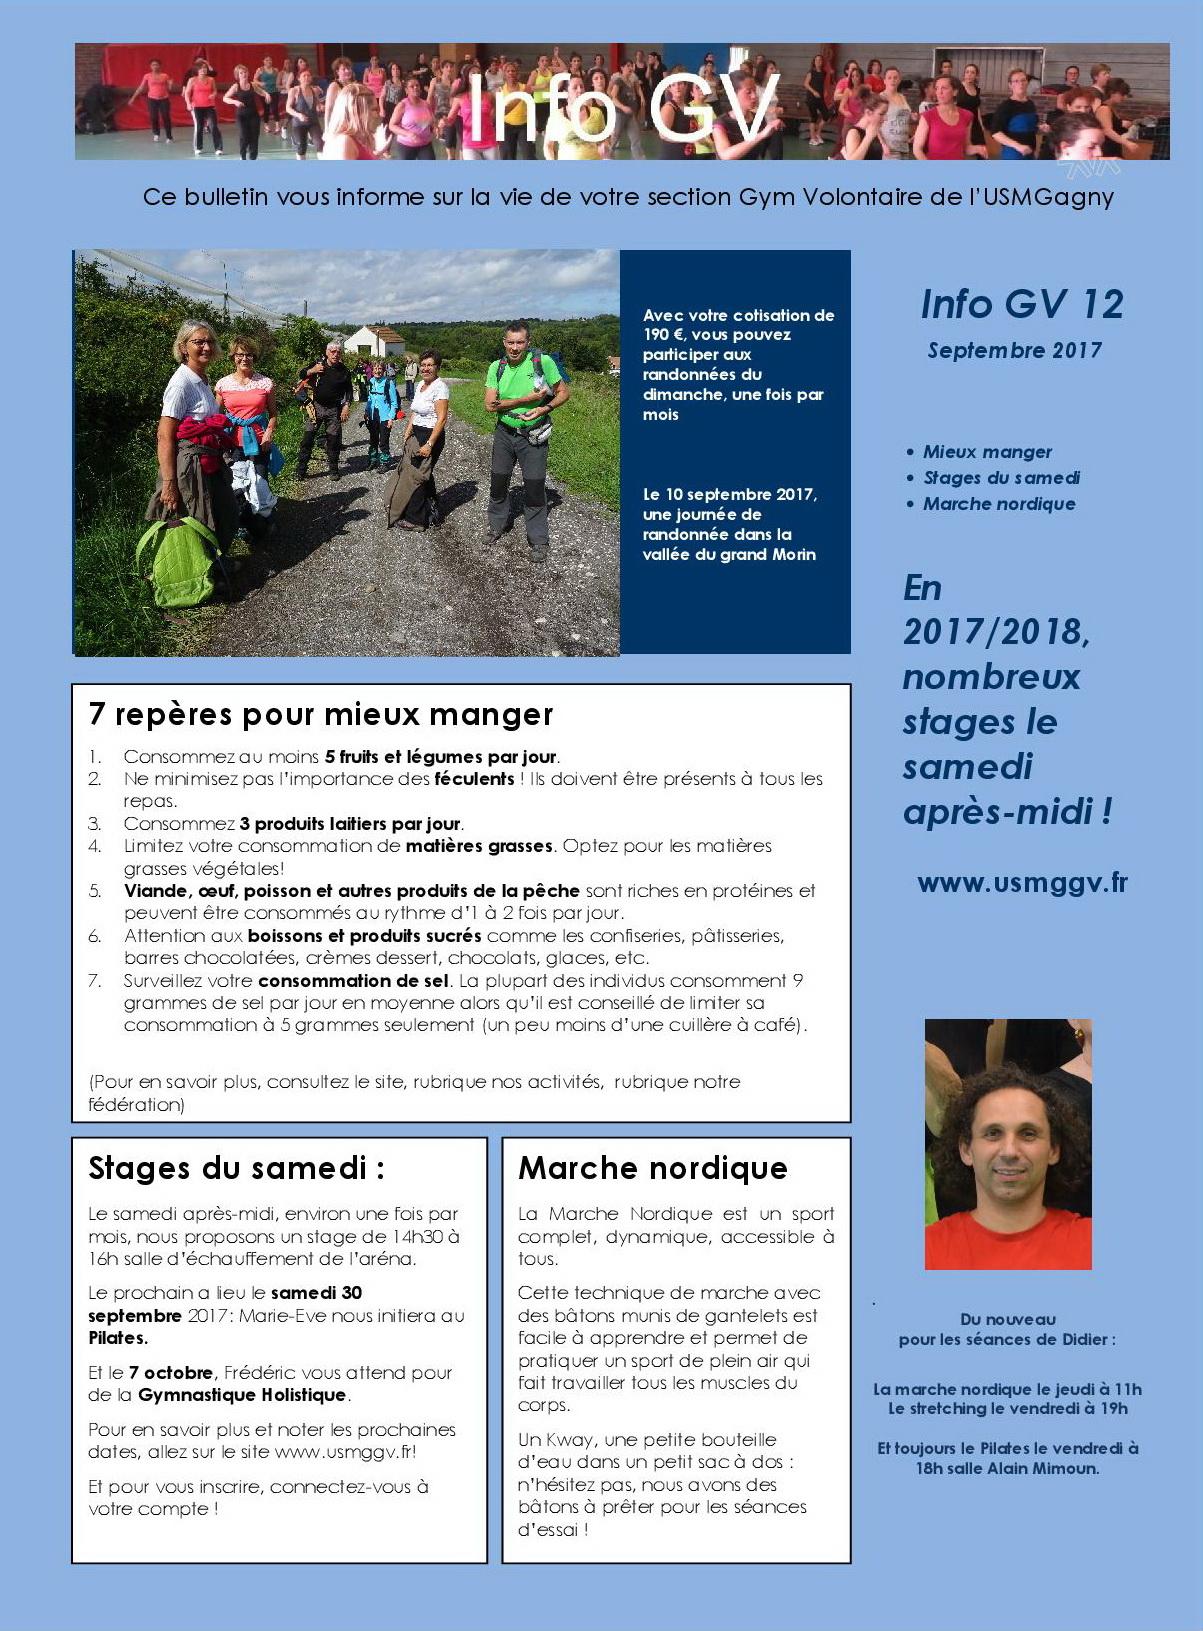 Info gv 12